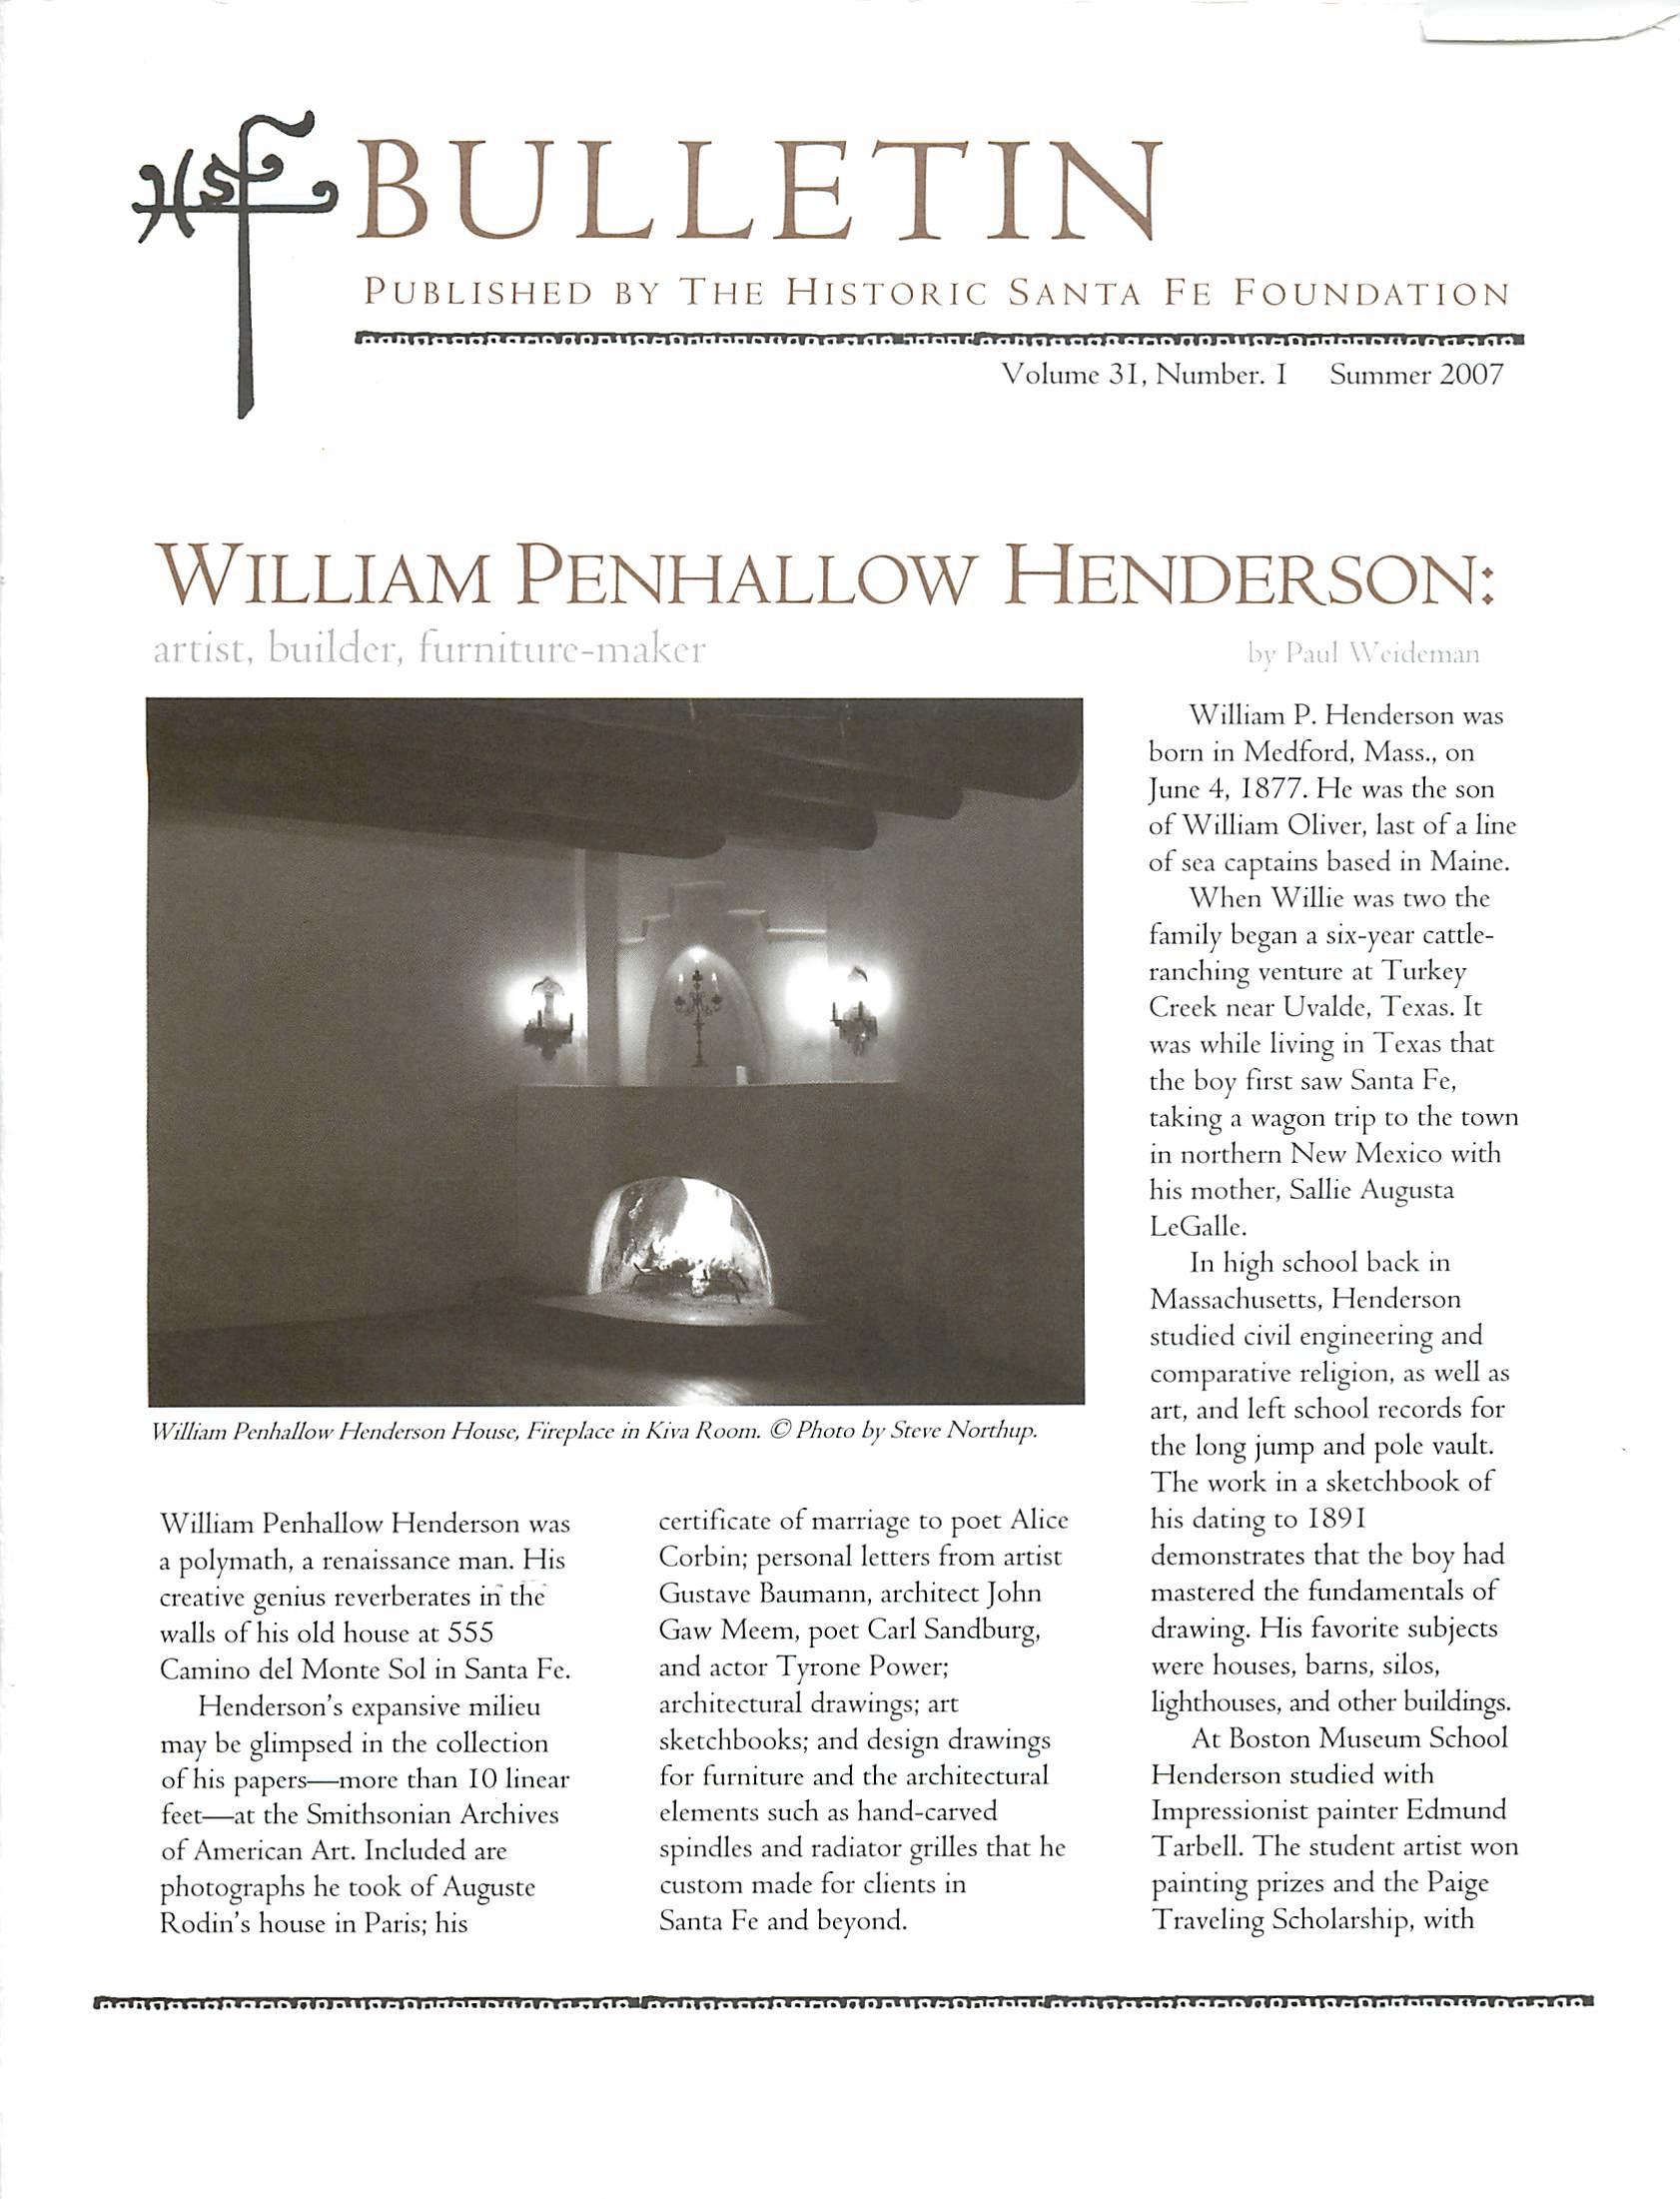 2007 HSFF Bulletin Vol.31 No.1 Cover